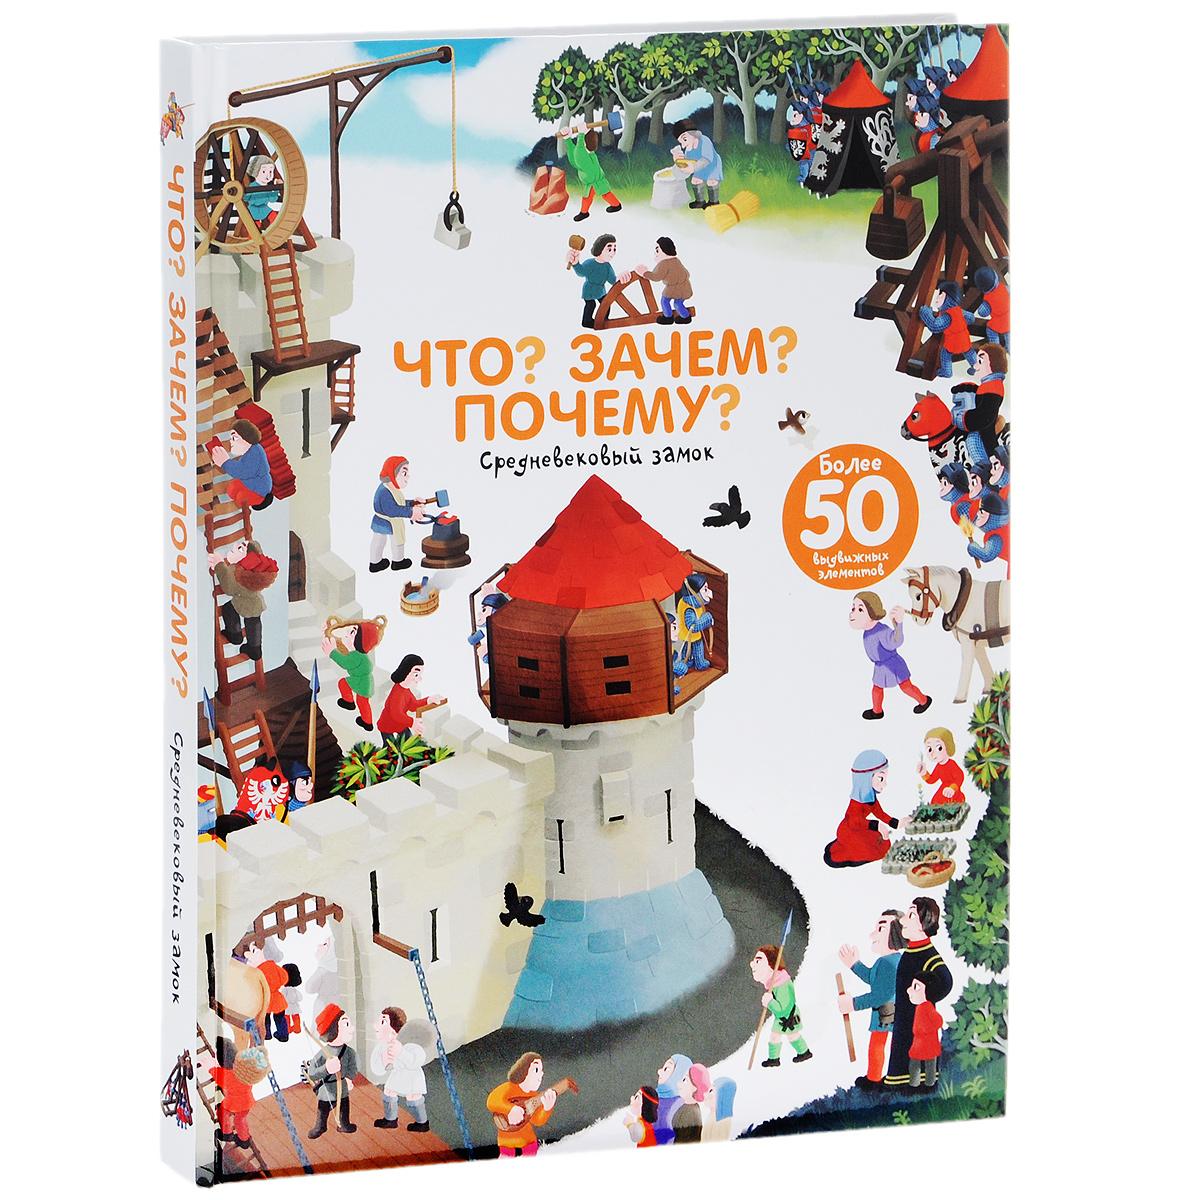 Что? Зачем? Почему? Средневековый замок. Книжка-игрушка12296407Эта большая книга расскажет абсолютно всё о средневековом замке. Как его строят? Как в нём проводят праздники и рыцарские турниры? Как защищать его от нападения врагов? Для того чтобы написать эту книгу, Анн-Софи Бауманн исследовала множество средневековых замков. Она поднималась по винтовым лестницам, изучала галереи и ходы, заглядывала на кухню, в опочивальню сеньора и даже в дымоход! Найди более 50 выдвижных элементов, раскрывающих секреты средневекового замка! Для чтения взрослыми детям.